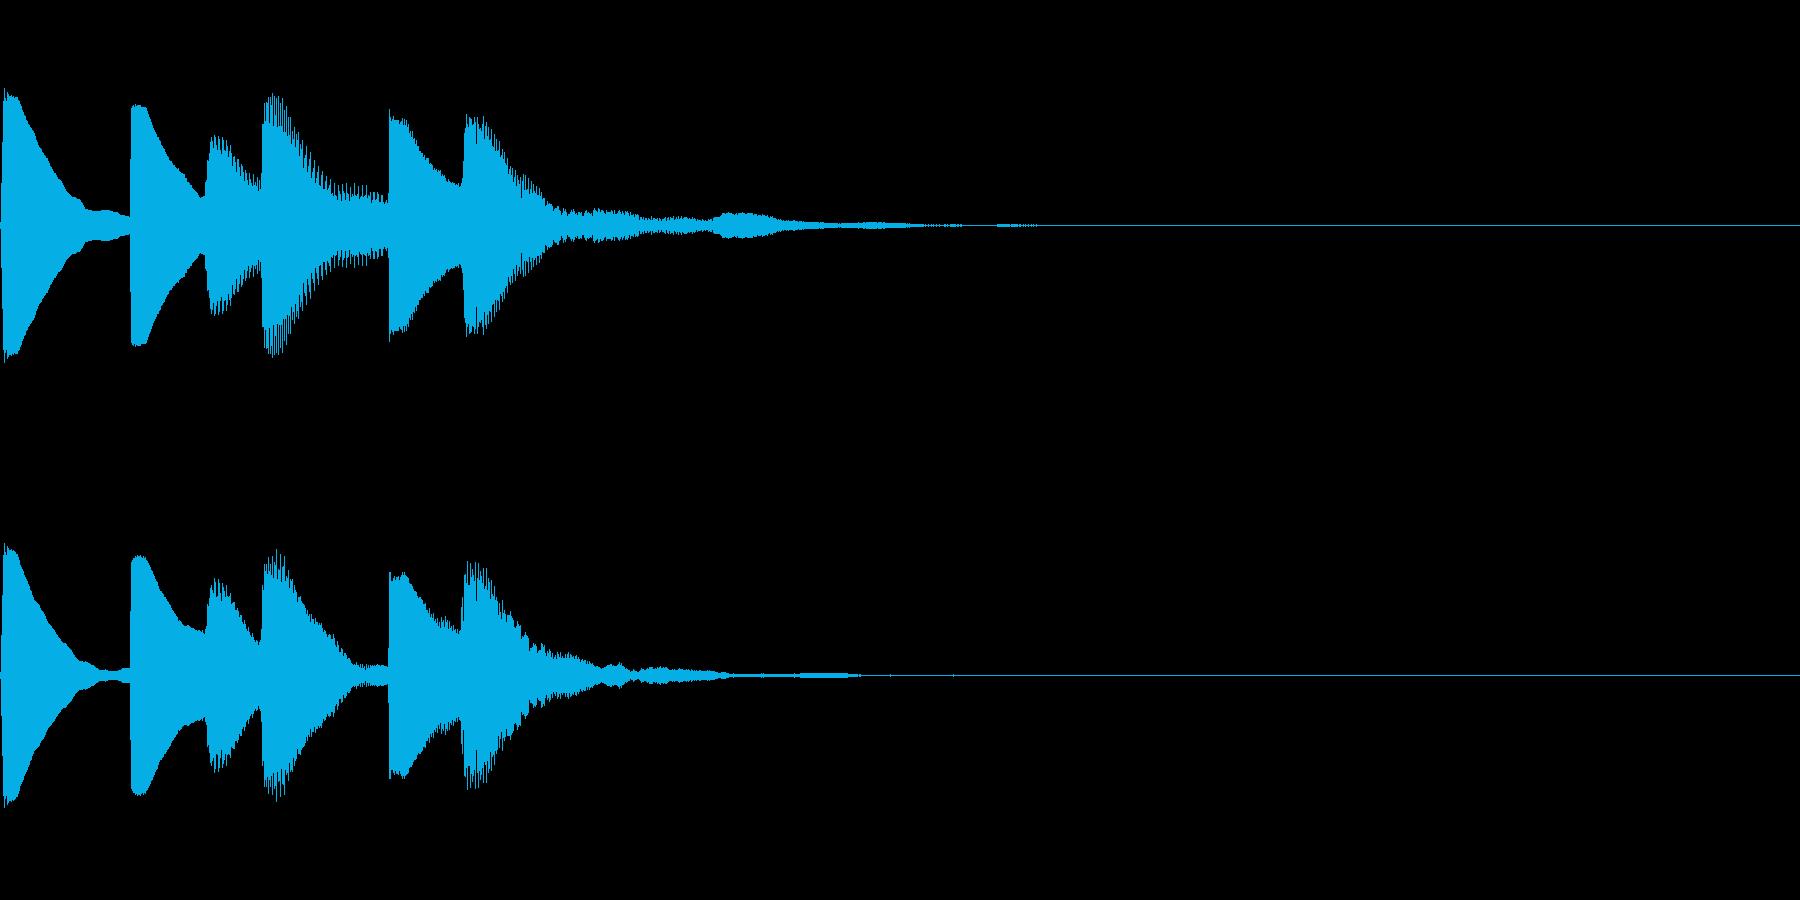 場面切り替え音の再生済みの波形